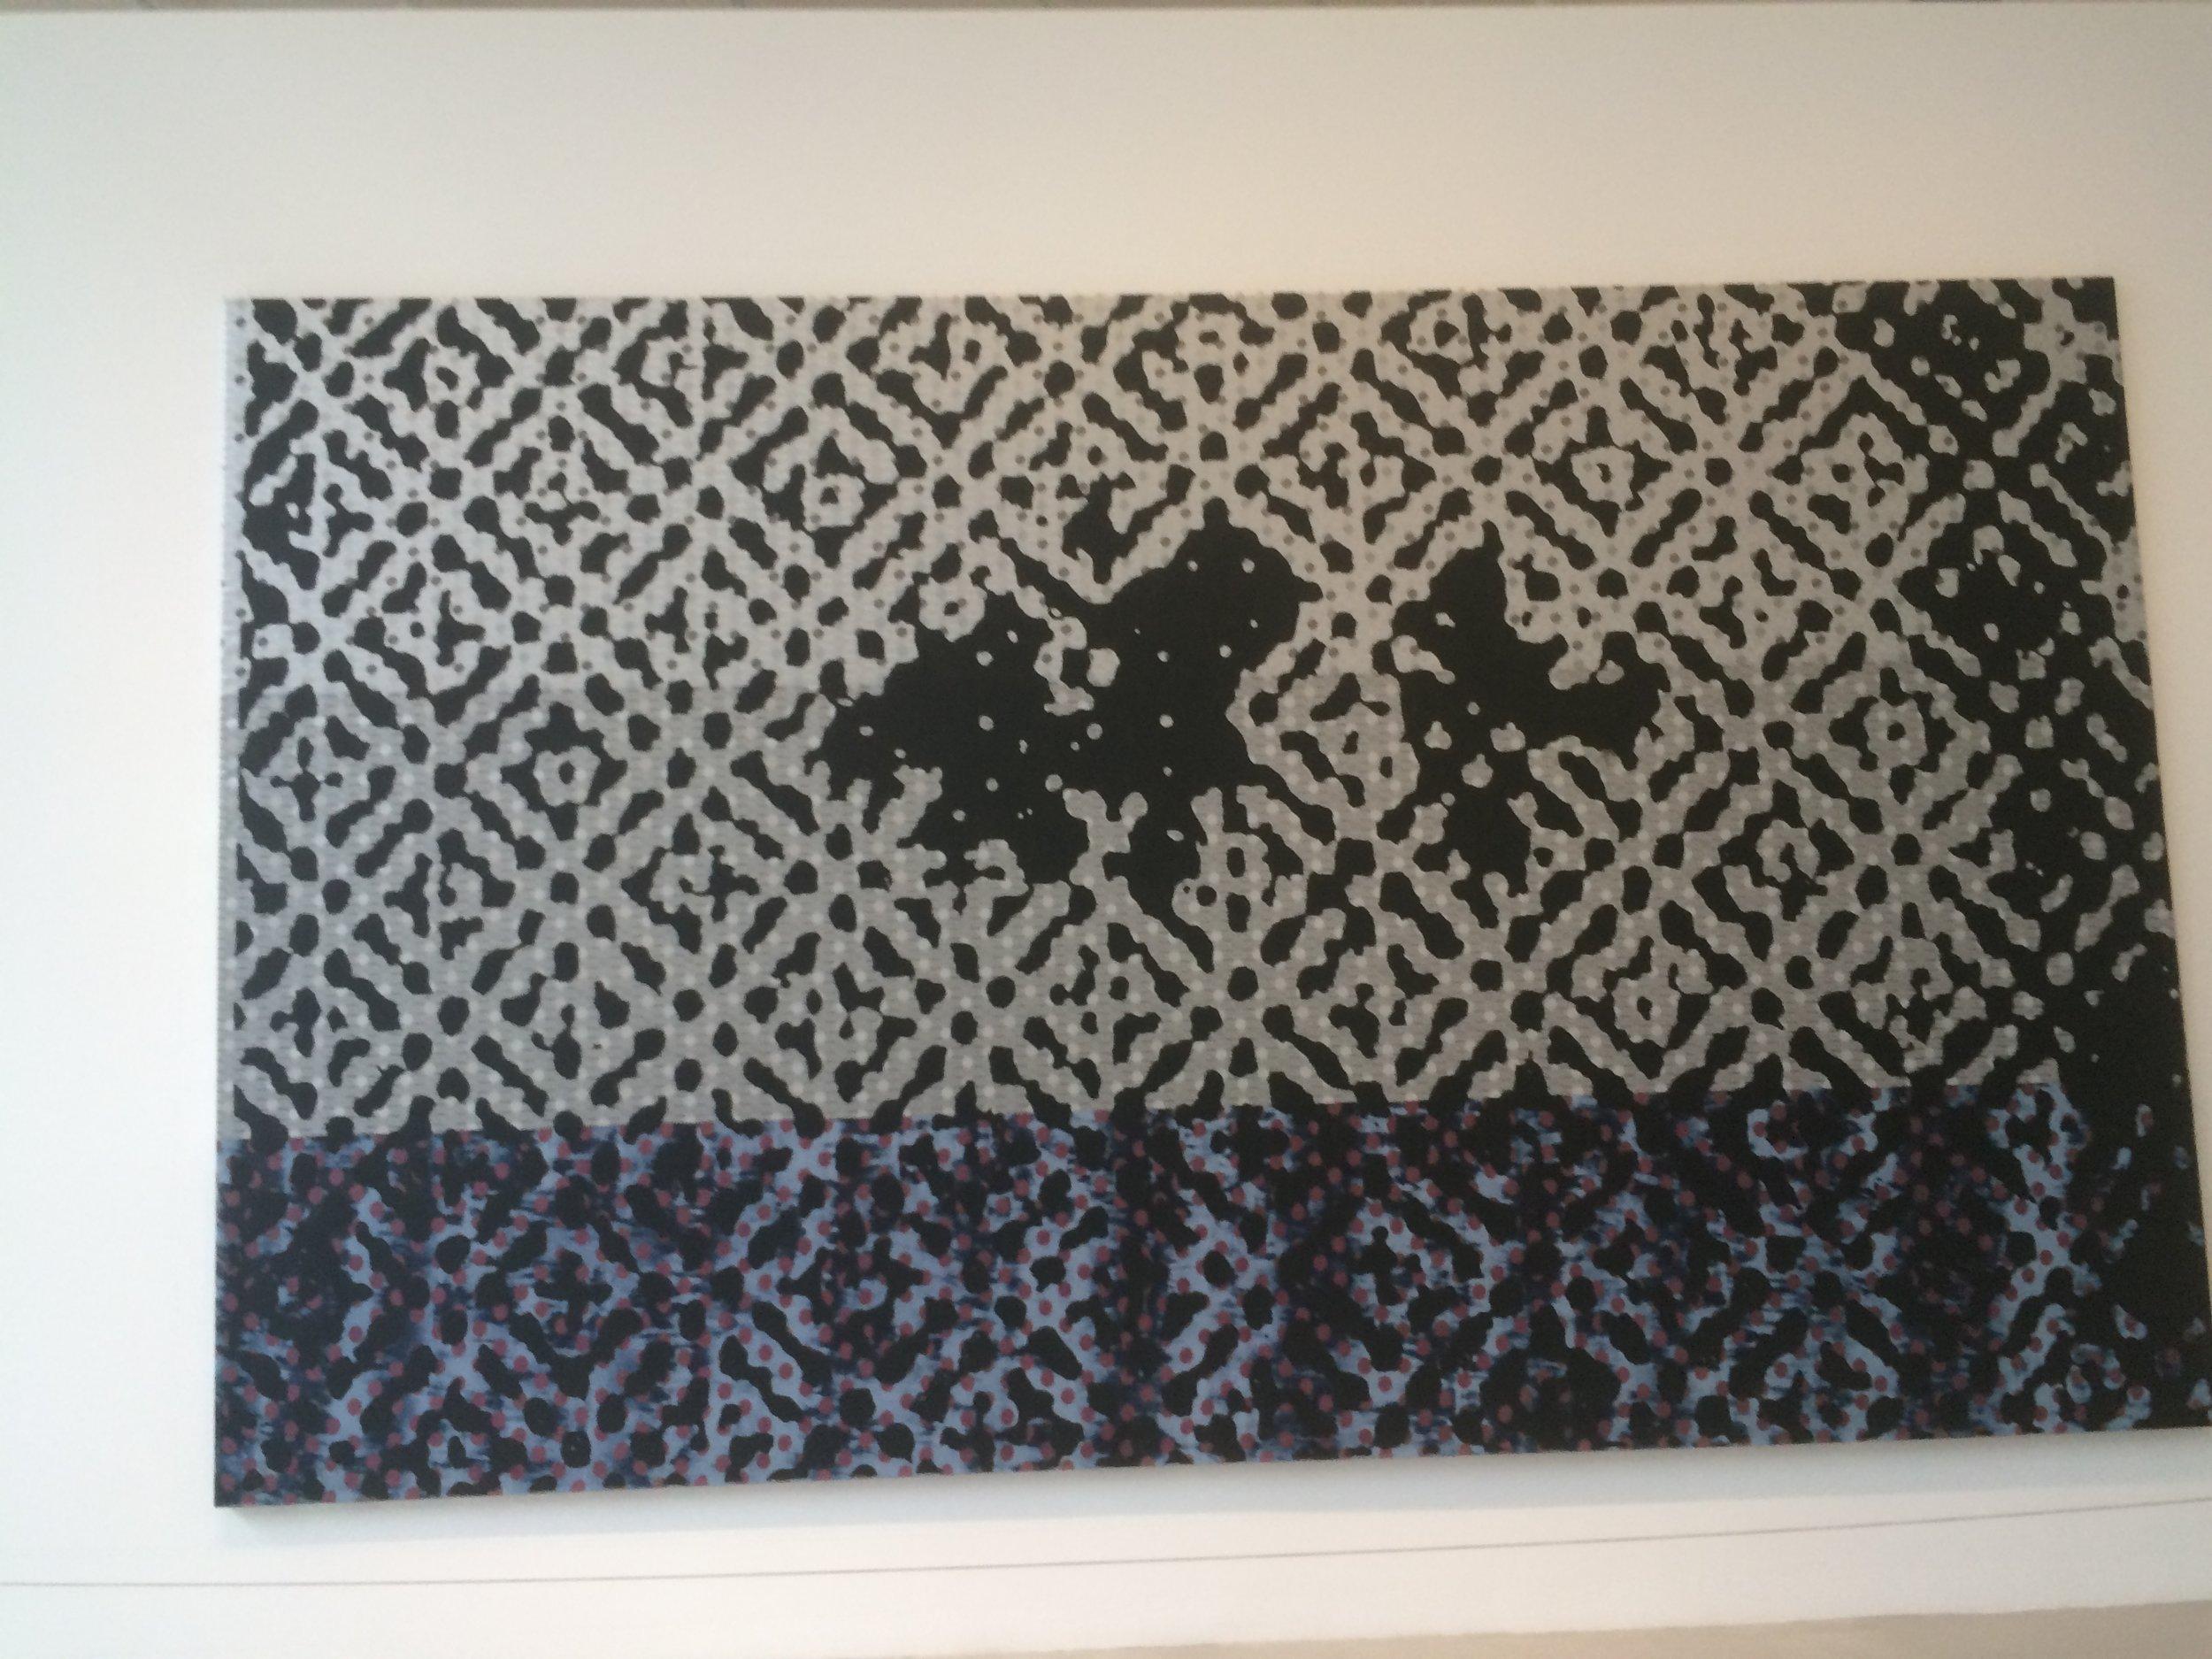 Polke work at De La Cruz Collection.